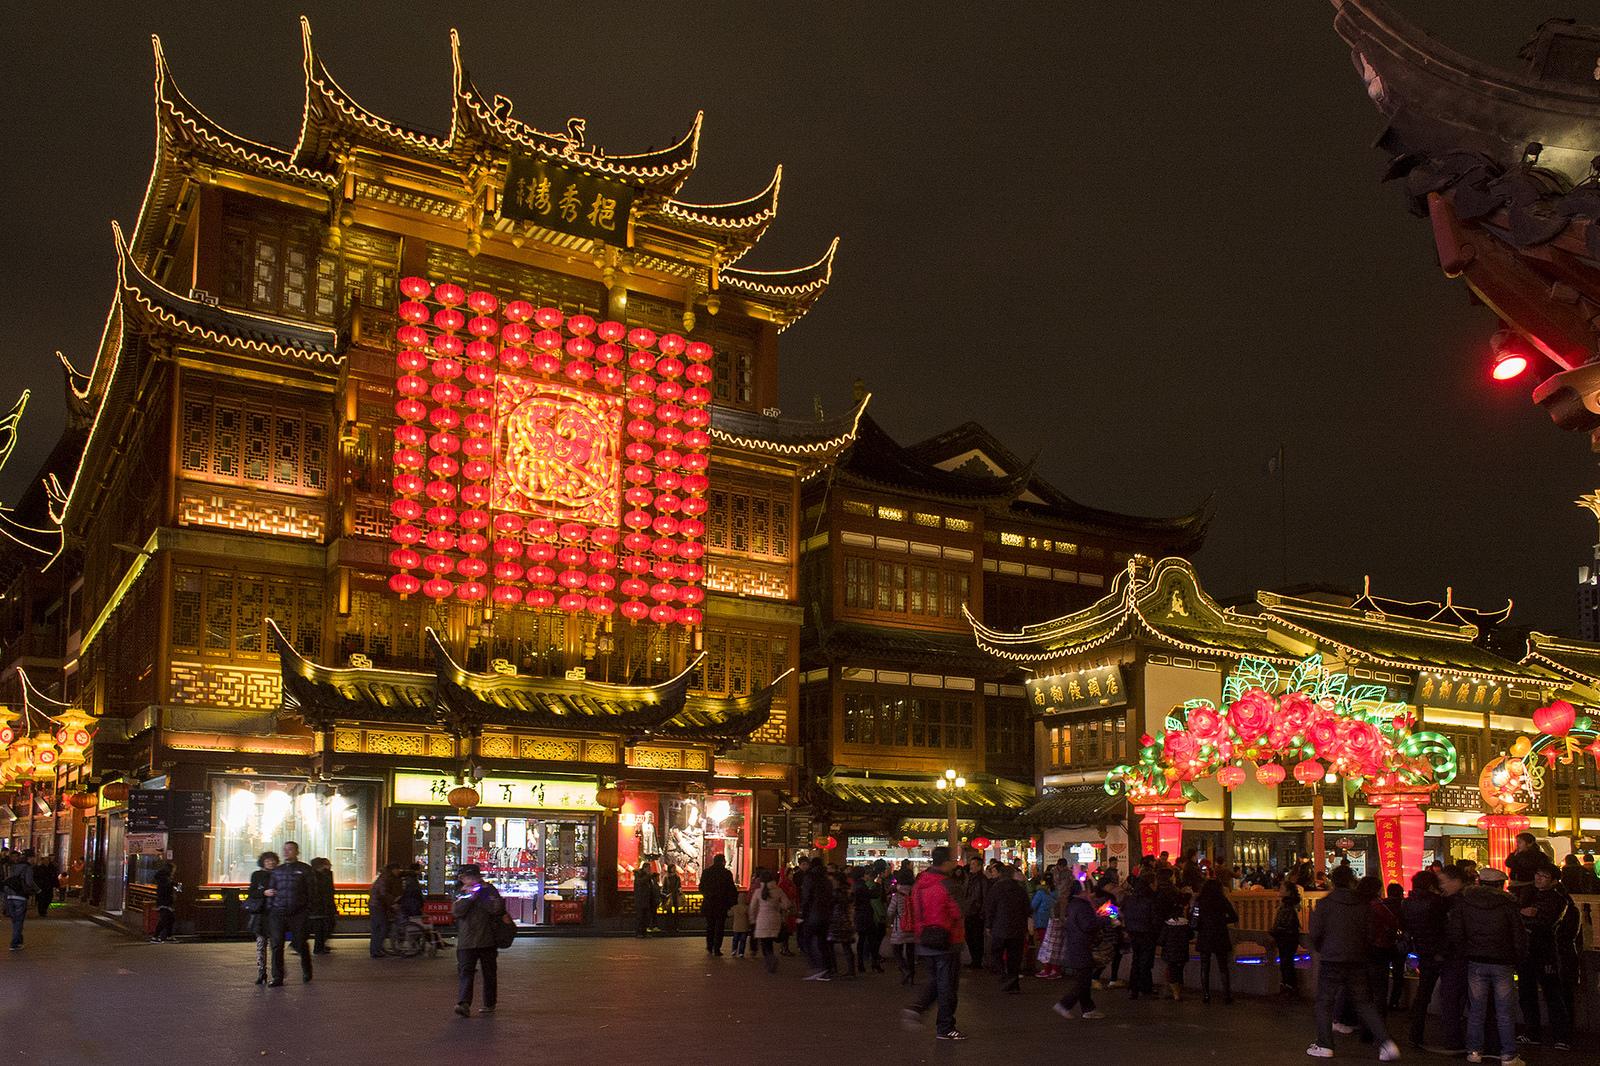 Photo credit: Lantern Festival 2014` in Yuyuan Garden(Shanghai) by 凌智 (Suzuki)